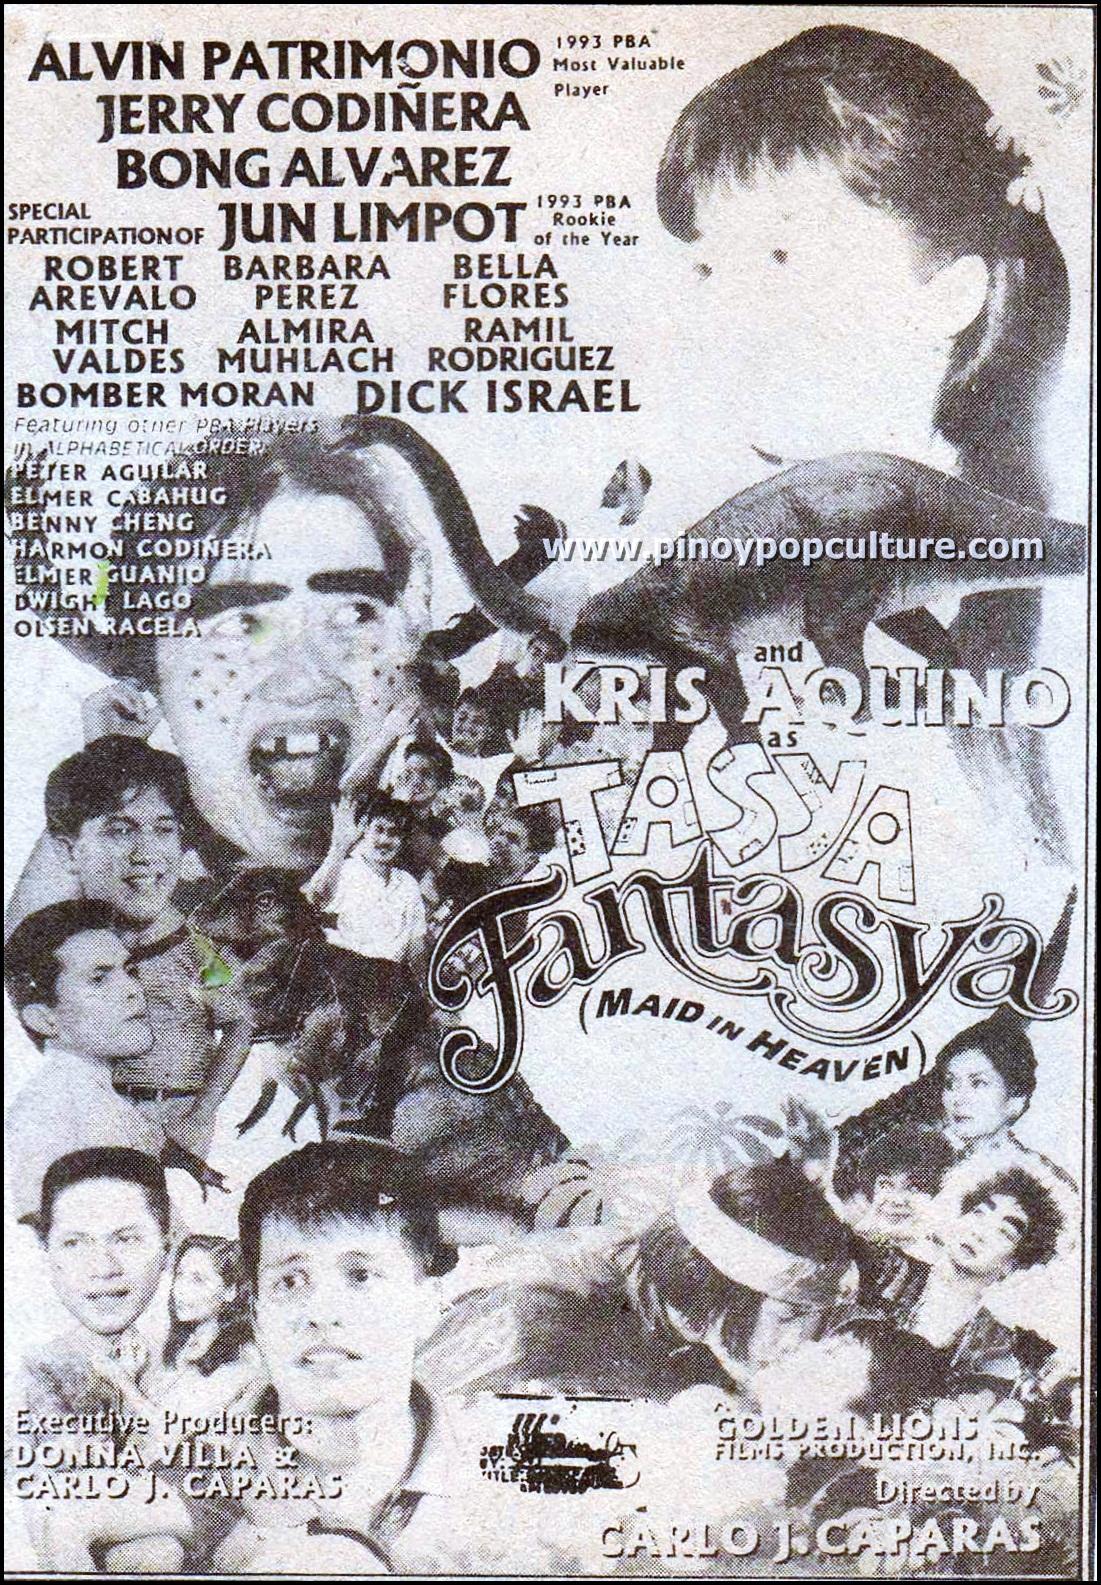 Alvin Patrimonio And Kris Aquino